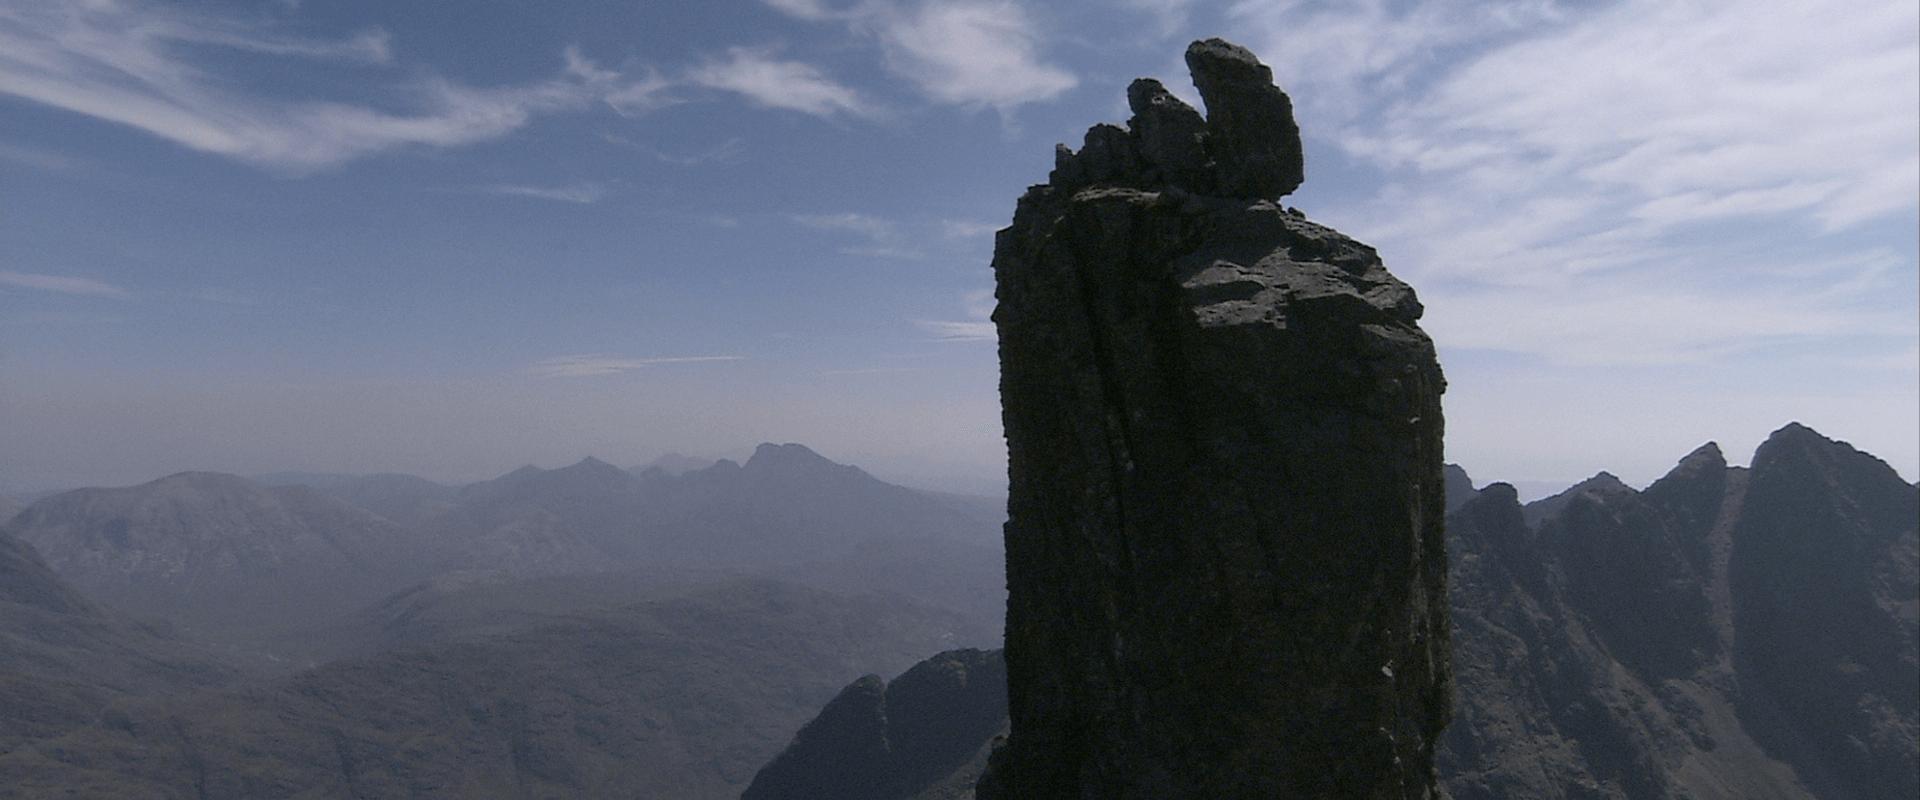 Seachd_Mountain_02_1920_8.png